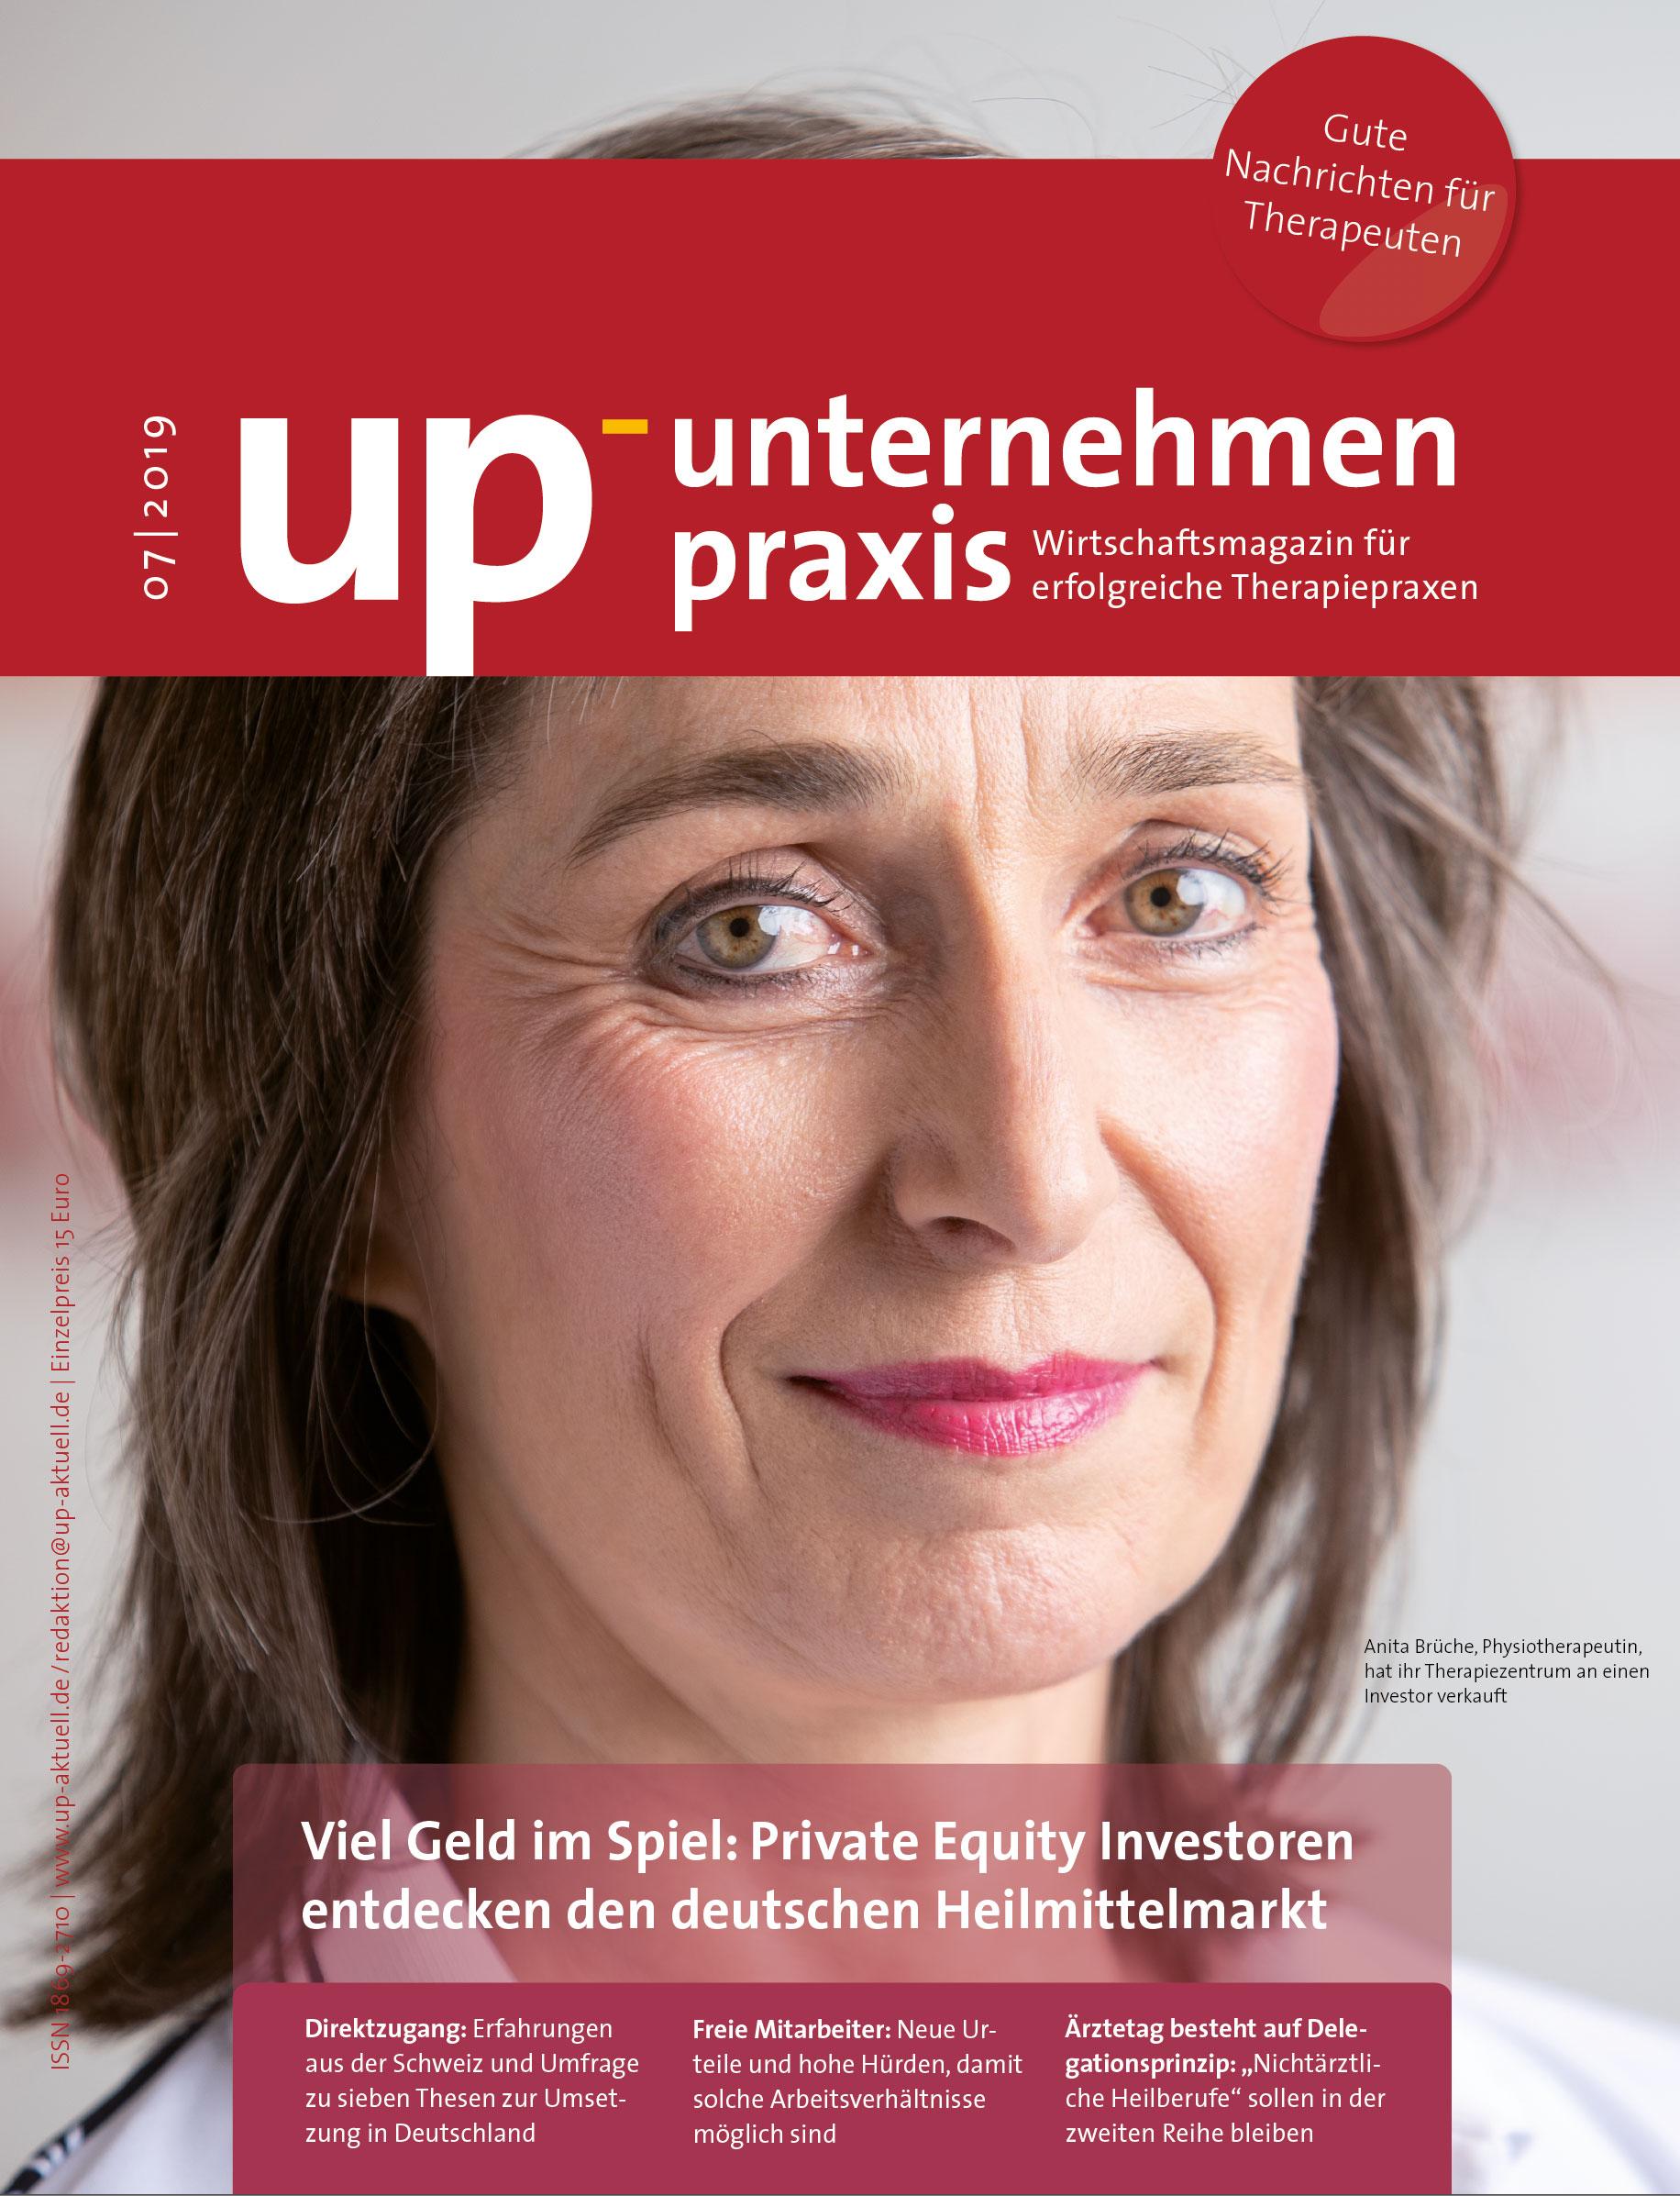 Ausgabe 7/2019 Viel Geld im Spiel: Investoren entdecken den deutschen Heilmittelmarkt